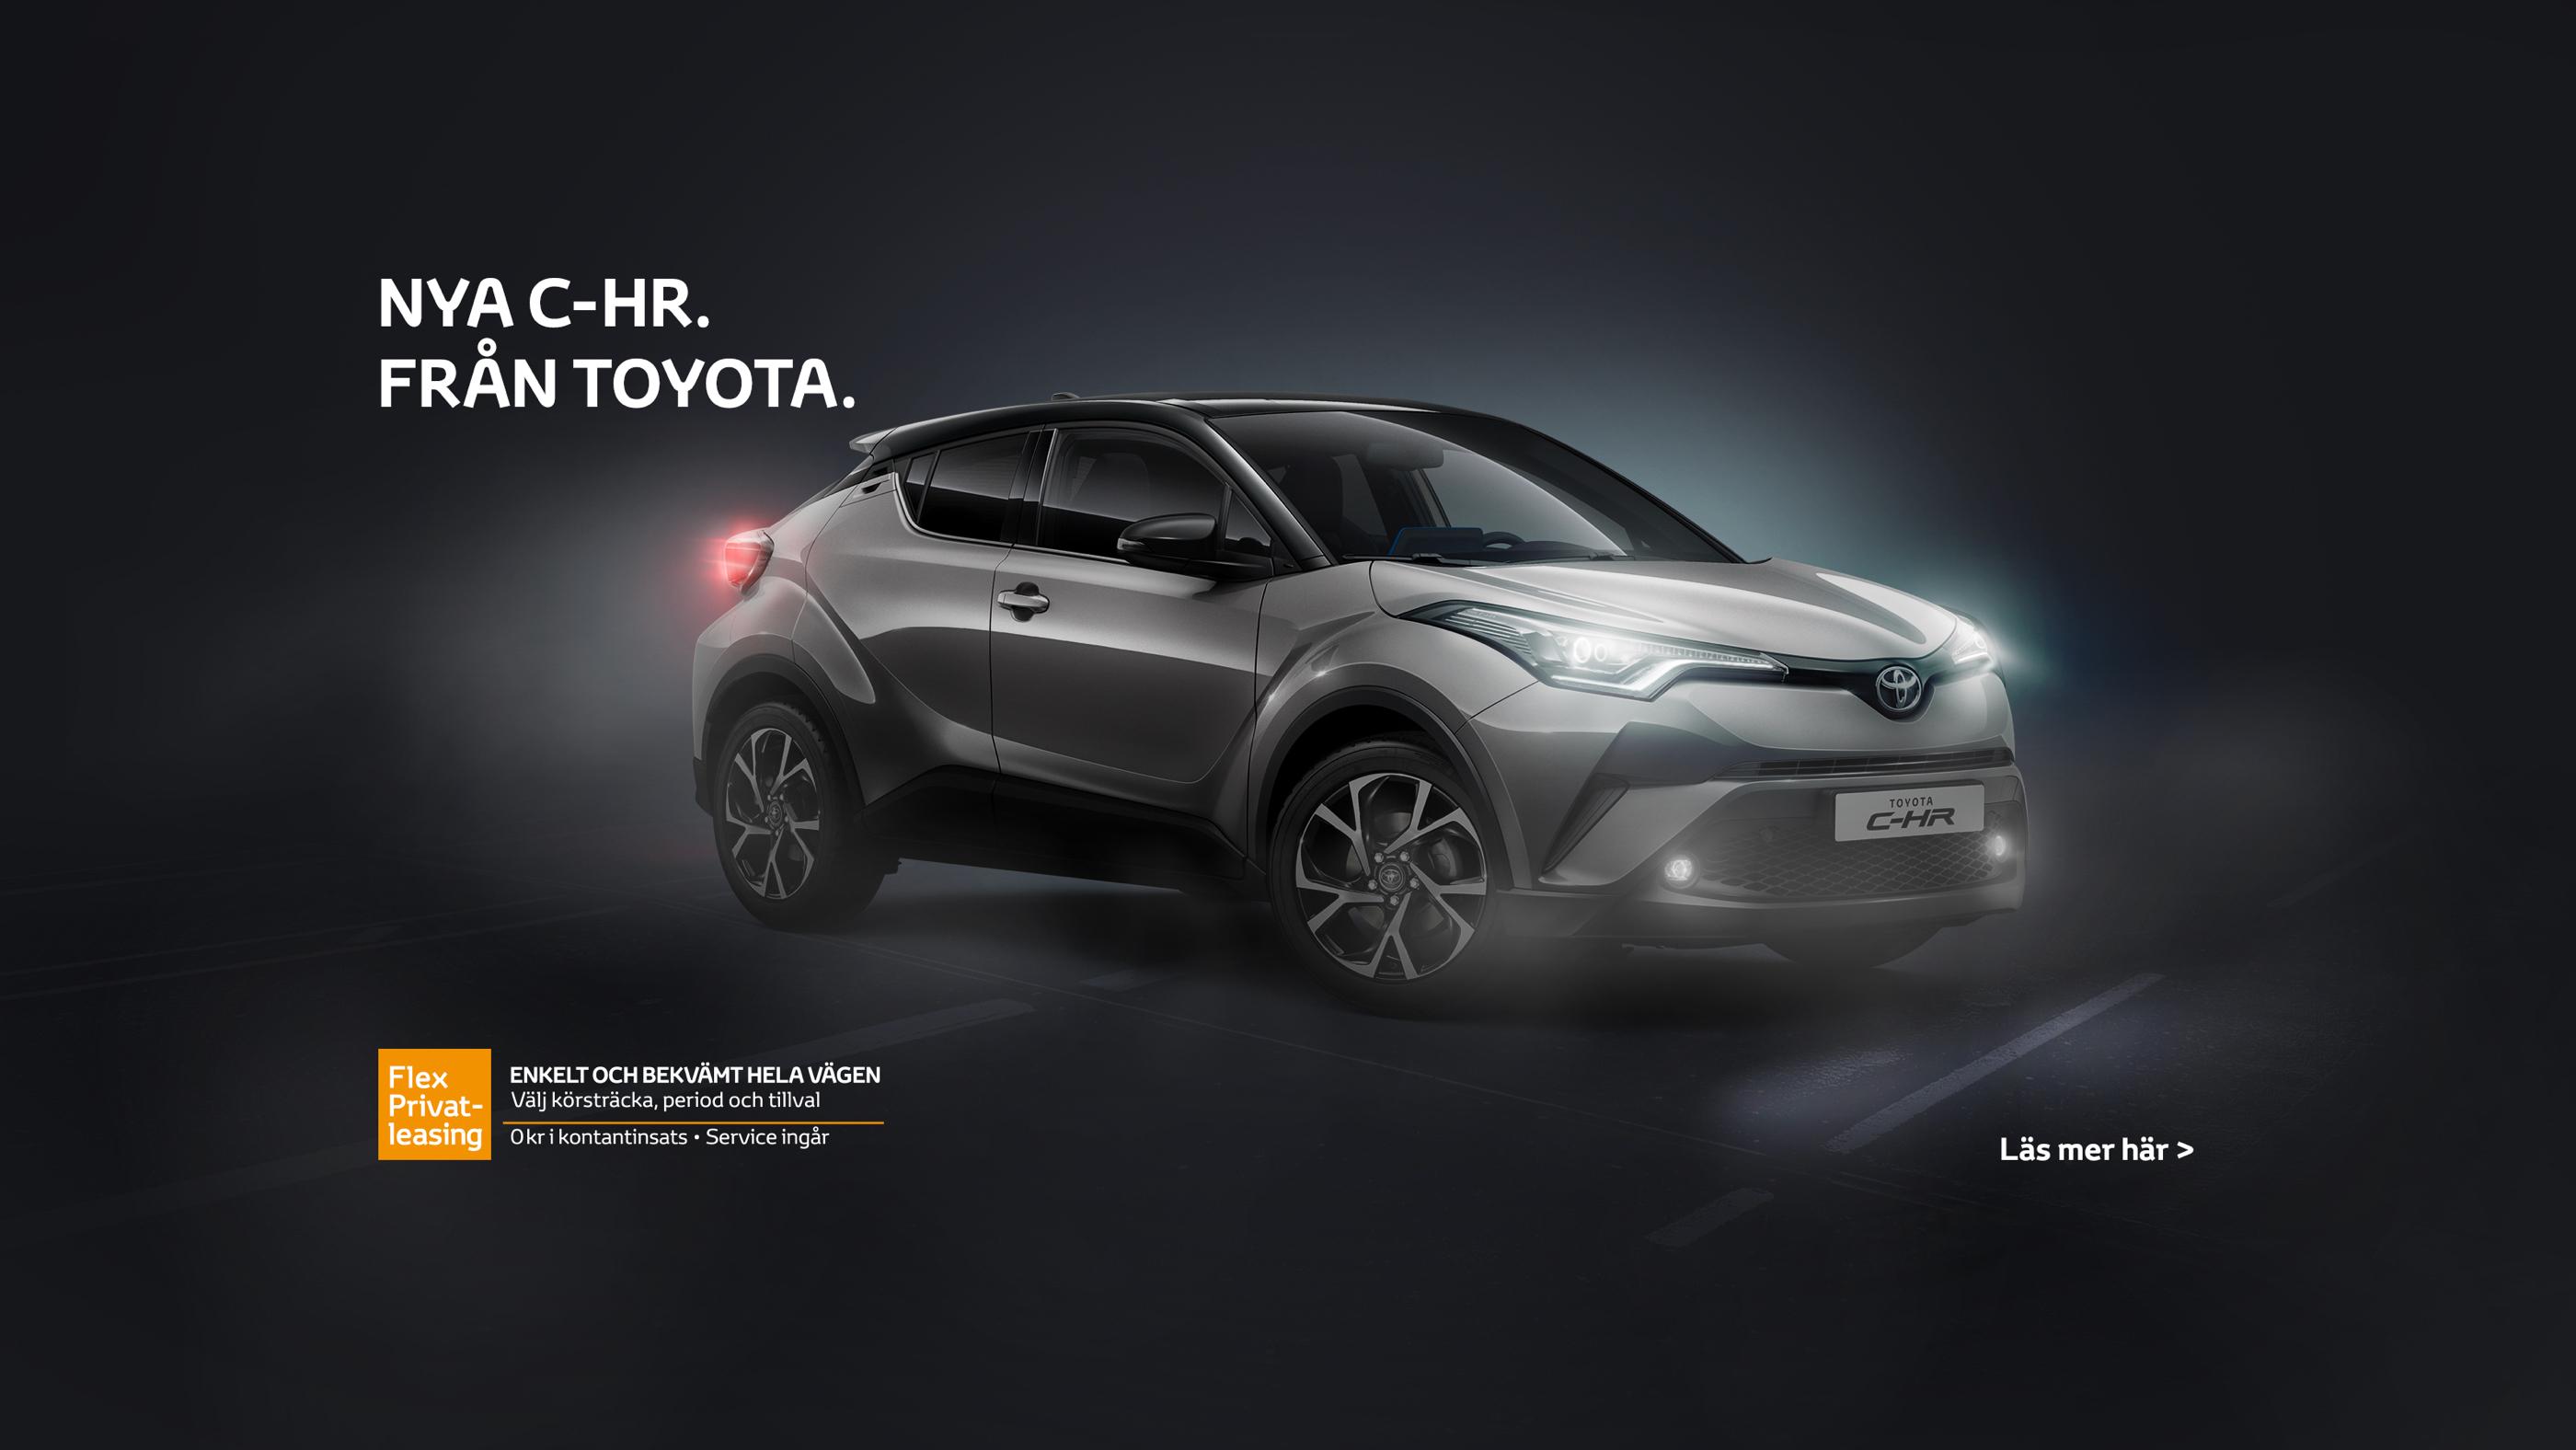 Toyota C-HR mot svart bakgrund. Marknadsföringsmaterial online.